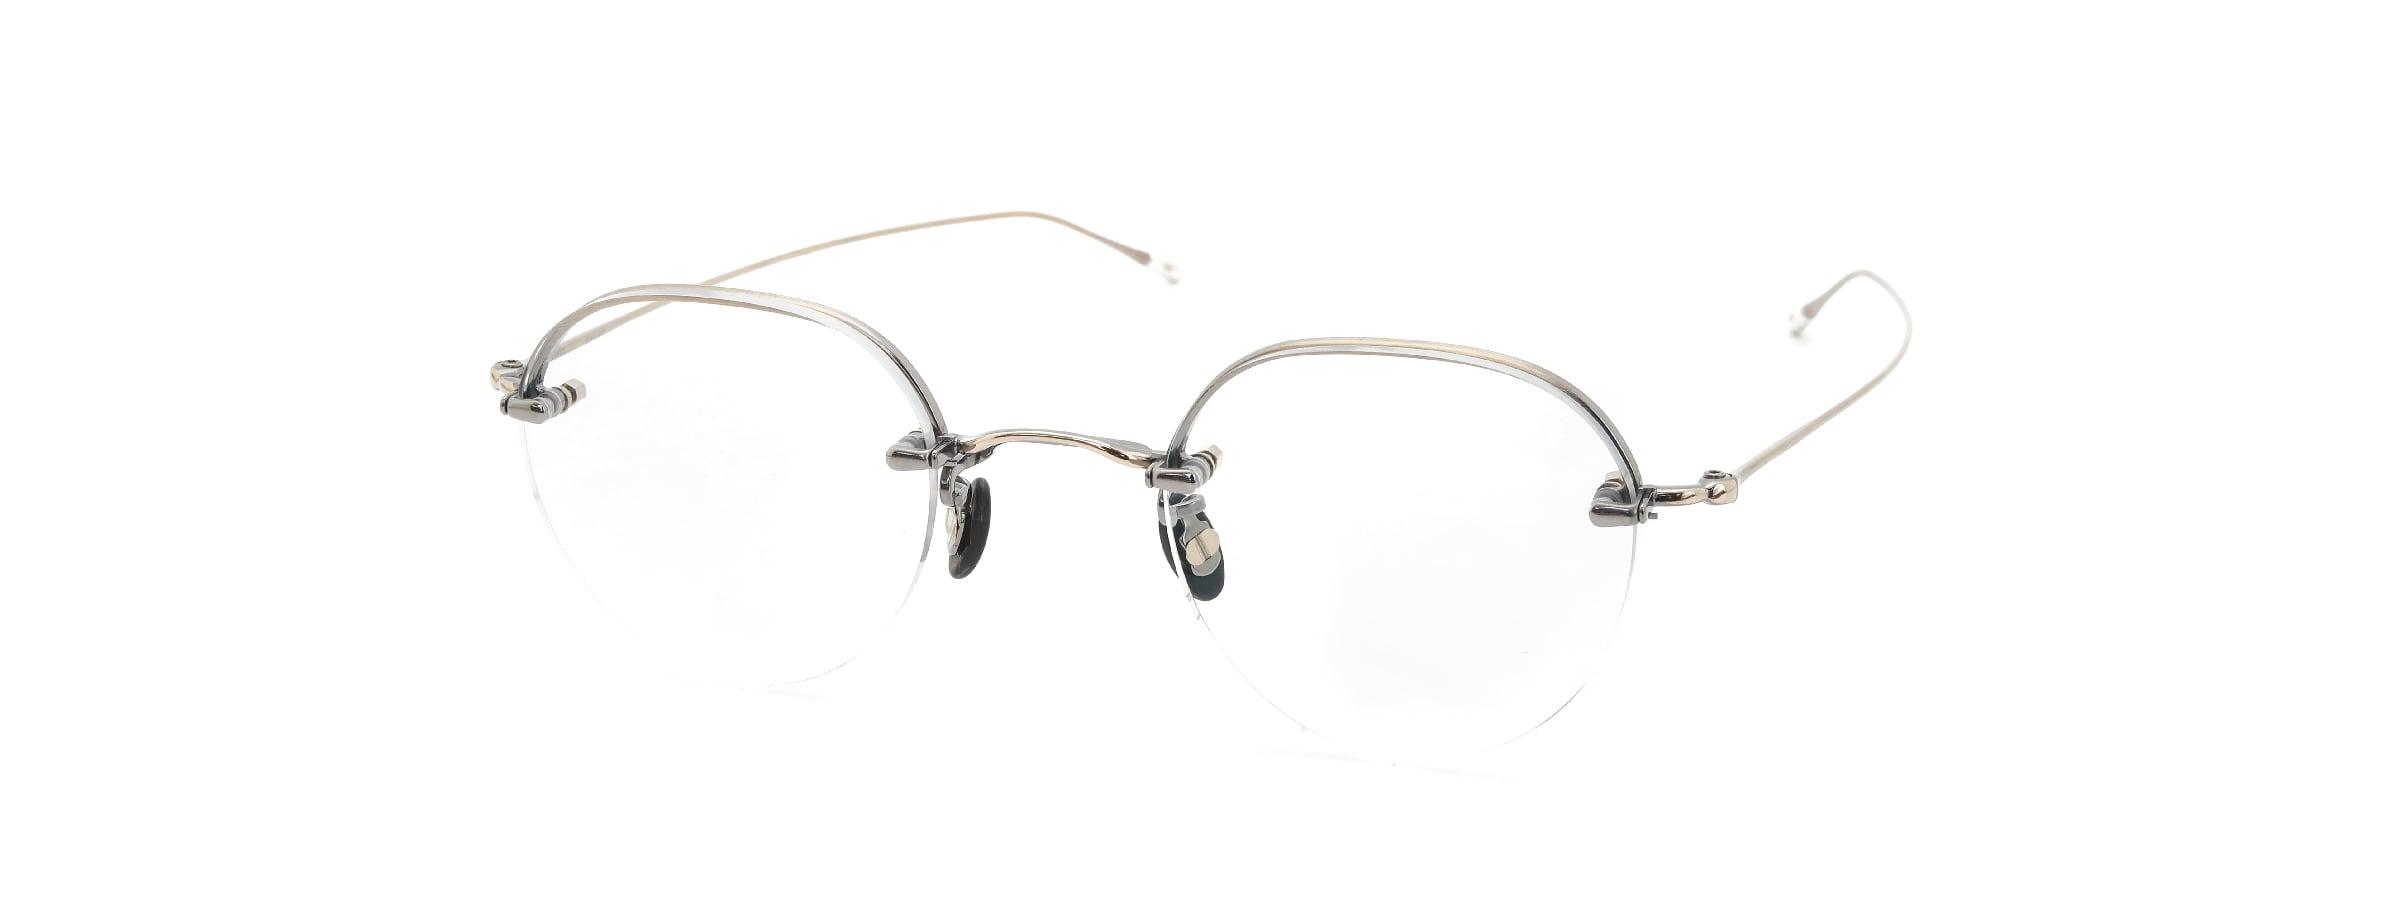 10 eyevan NO.6 Ⅱ 44